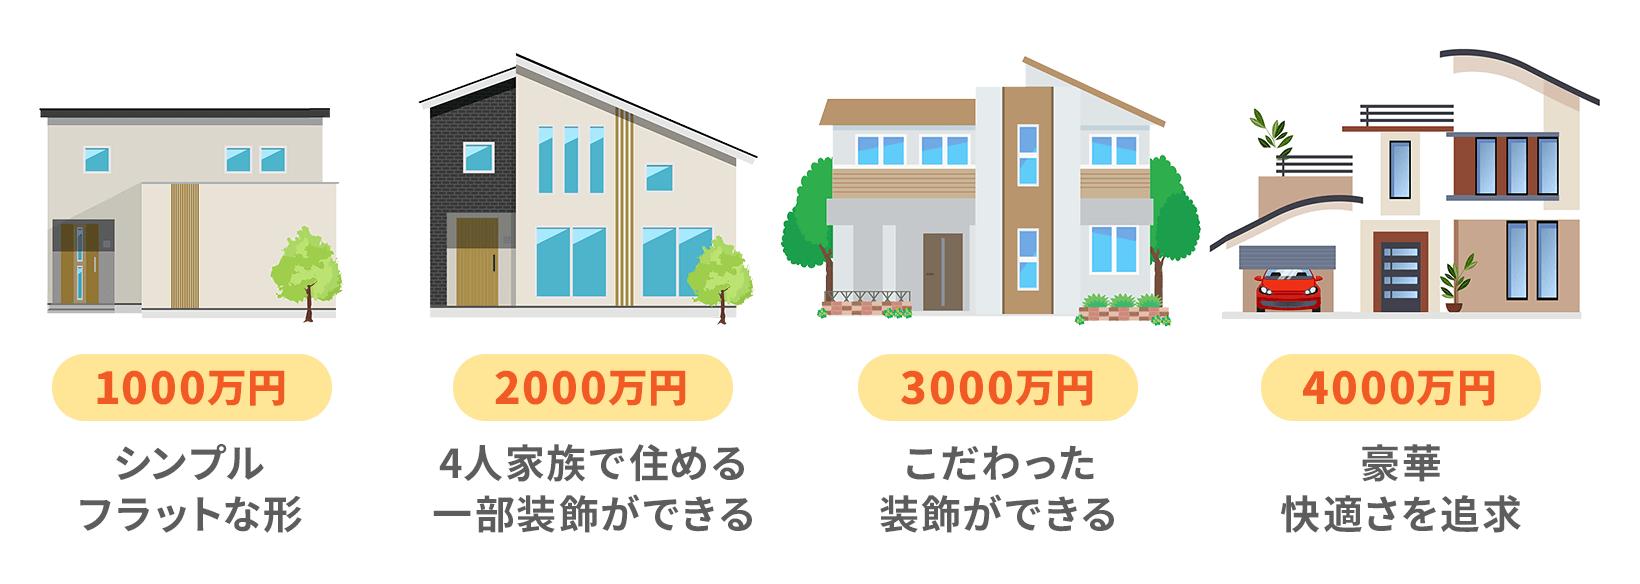 1000万円はシンプルな住宅、2000万円は一部装飾可能な住宅、3000万円はこだわった装飾ができる住宅、4000万円は豪華で快適さを追求された住宅